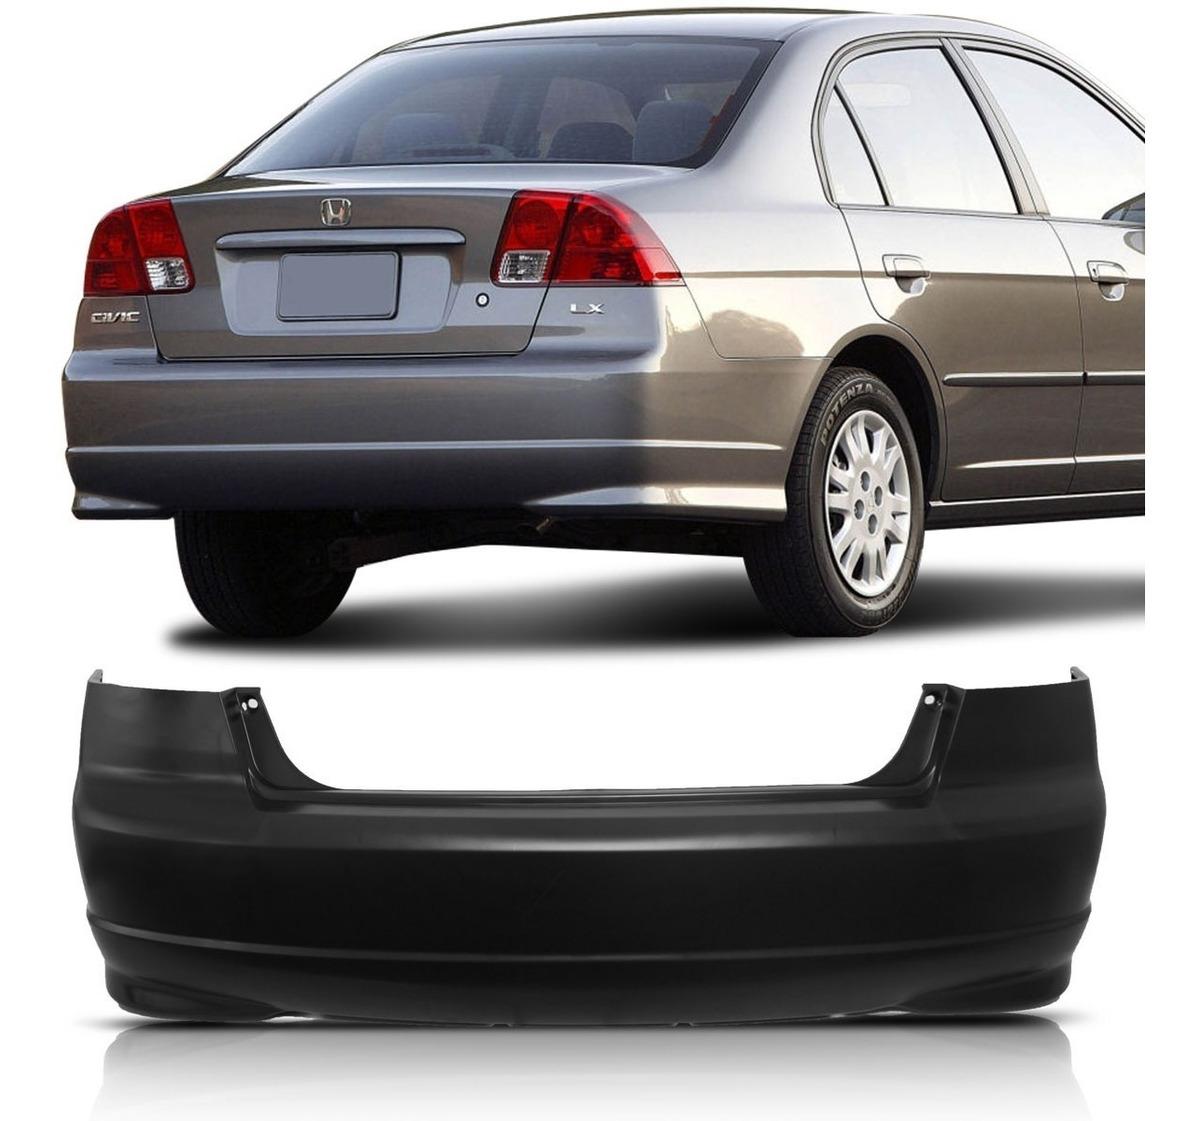 Az Acessorios Tudo Em Acessorios Automotivos Parachoque Traseiro Civic 2004 2005 2006 R 414 00